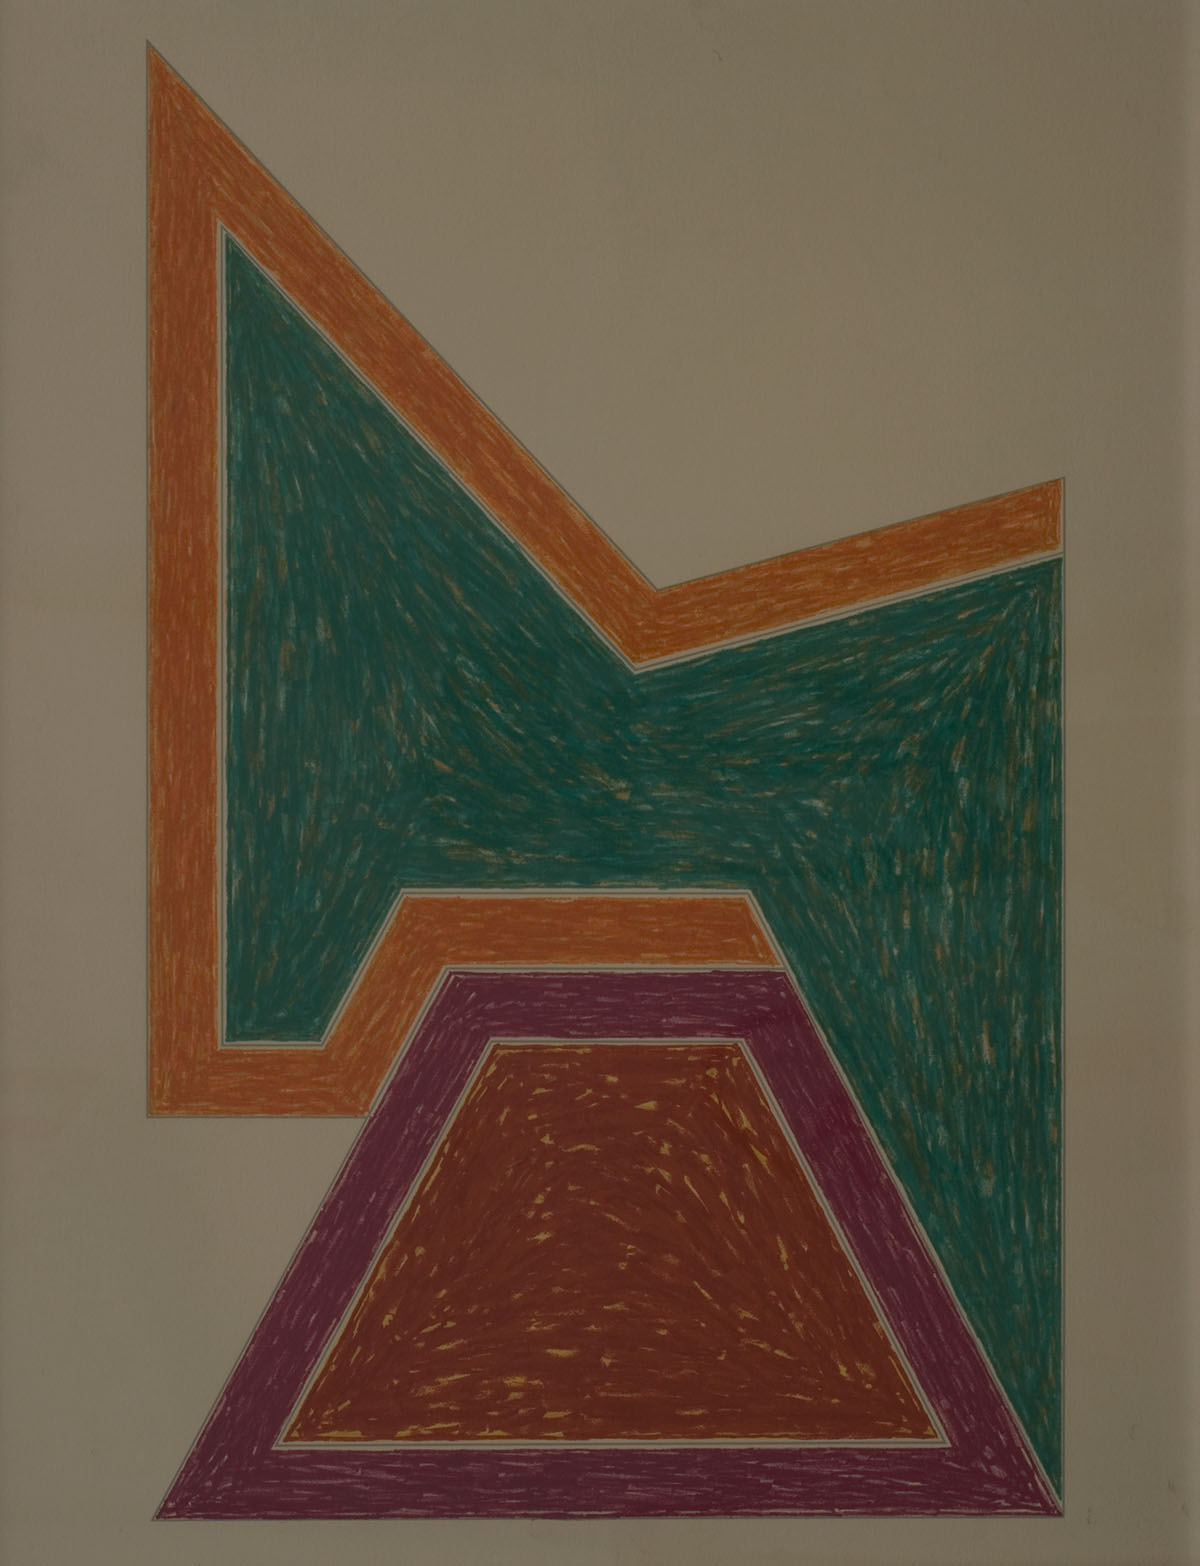 Senza titolo - Frank Stella - 1974 Collezione Friam